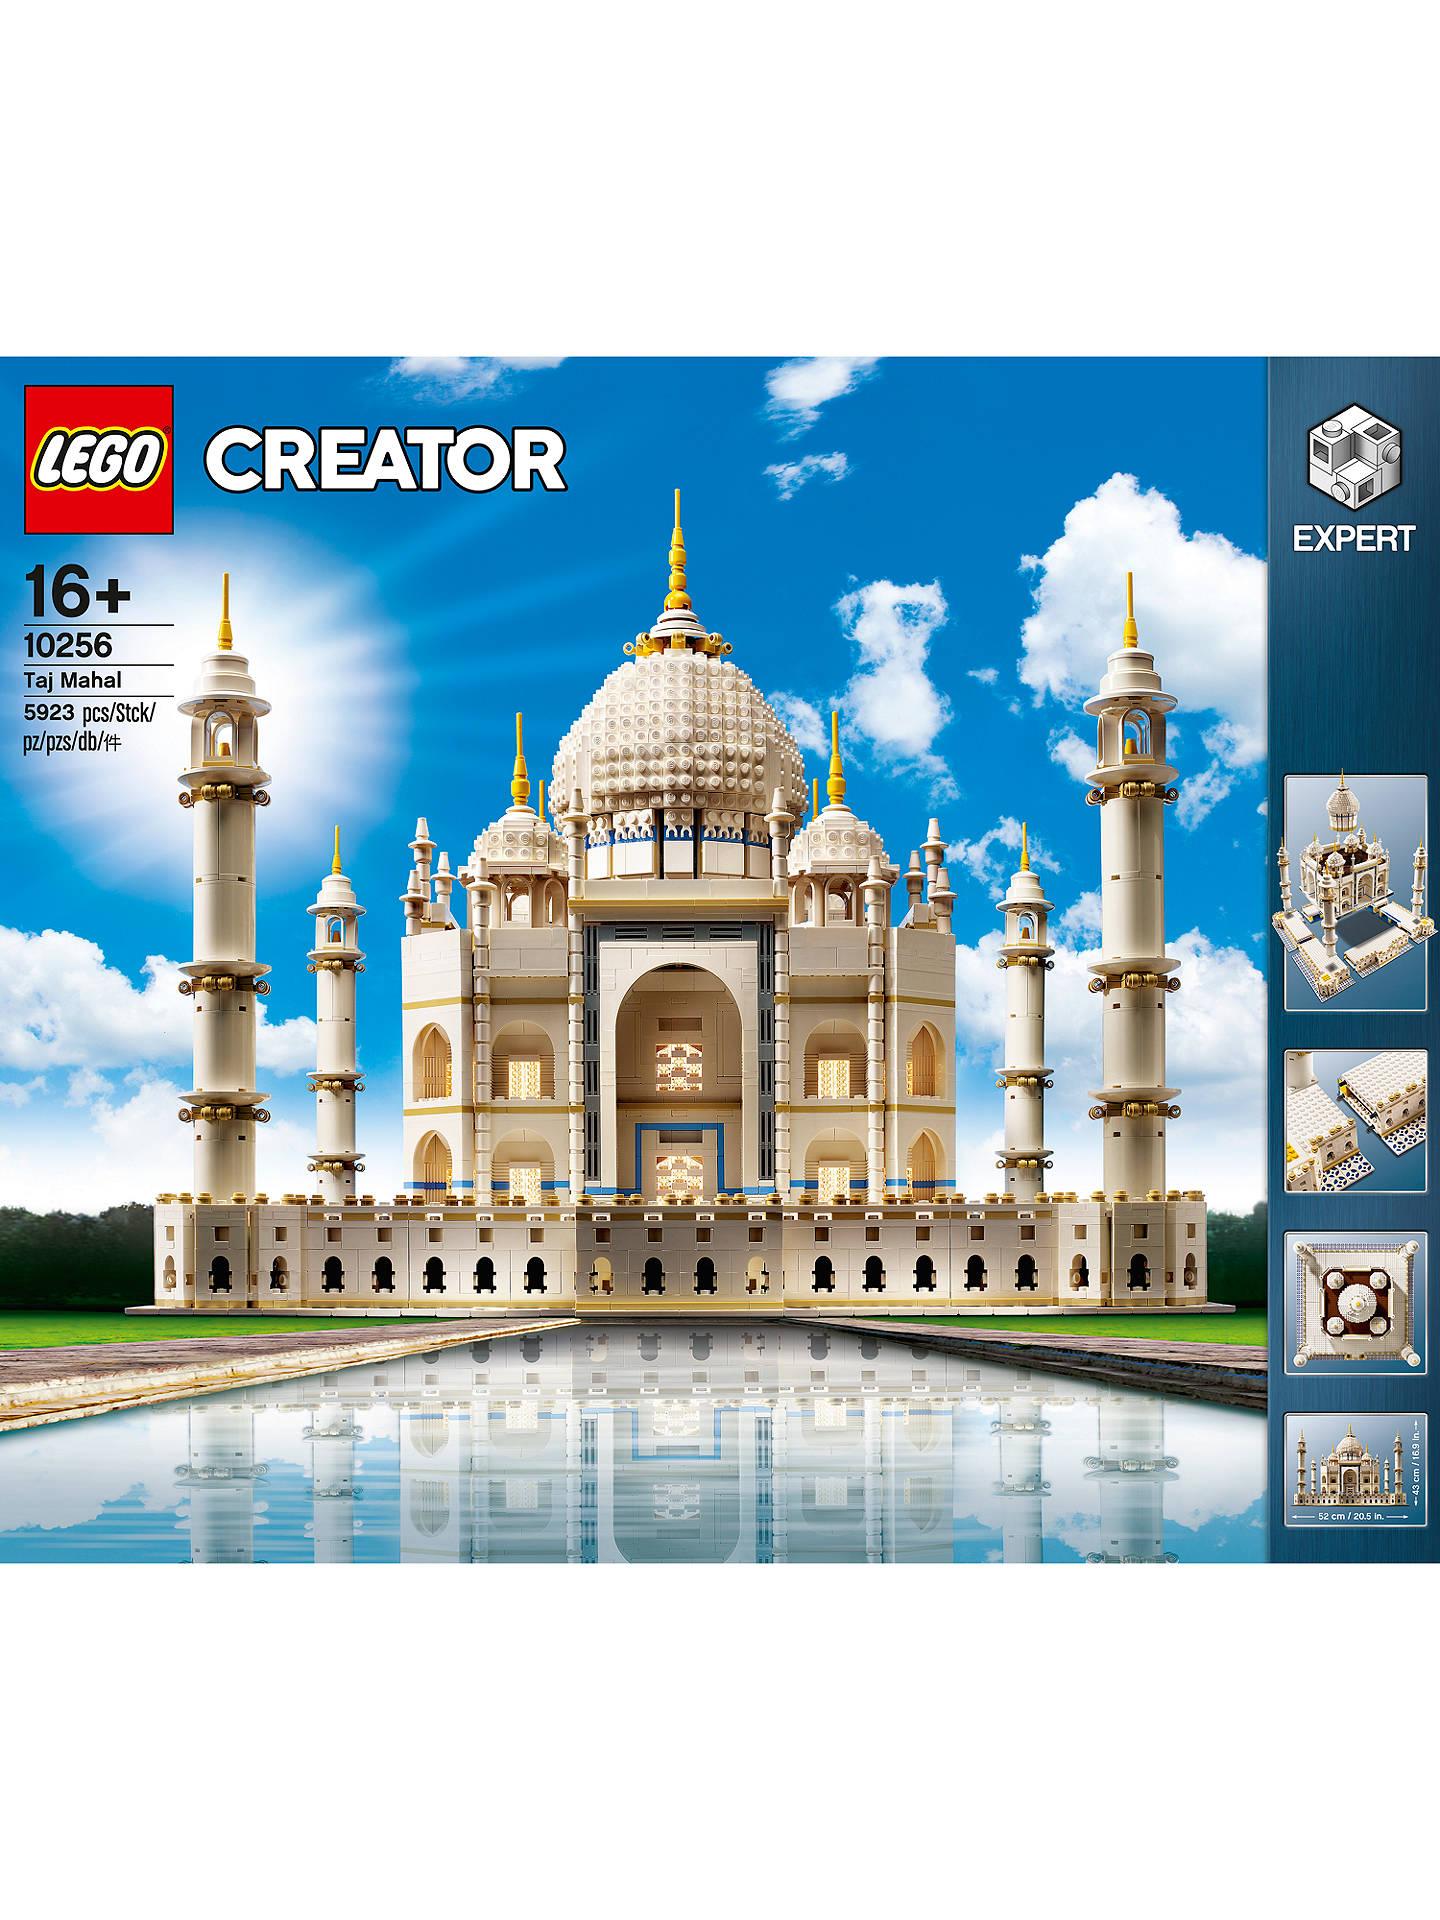 LEGO Creator 10256 Taj Mahal - £239.99 at John Lewis & Partners